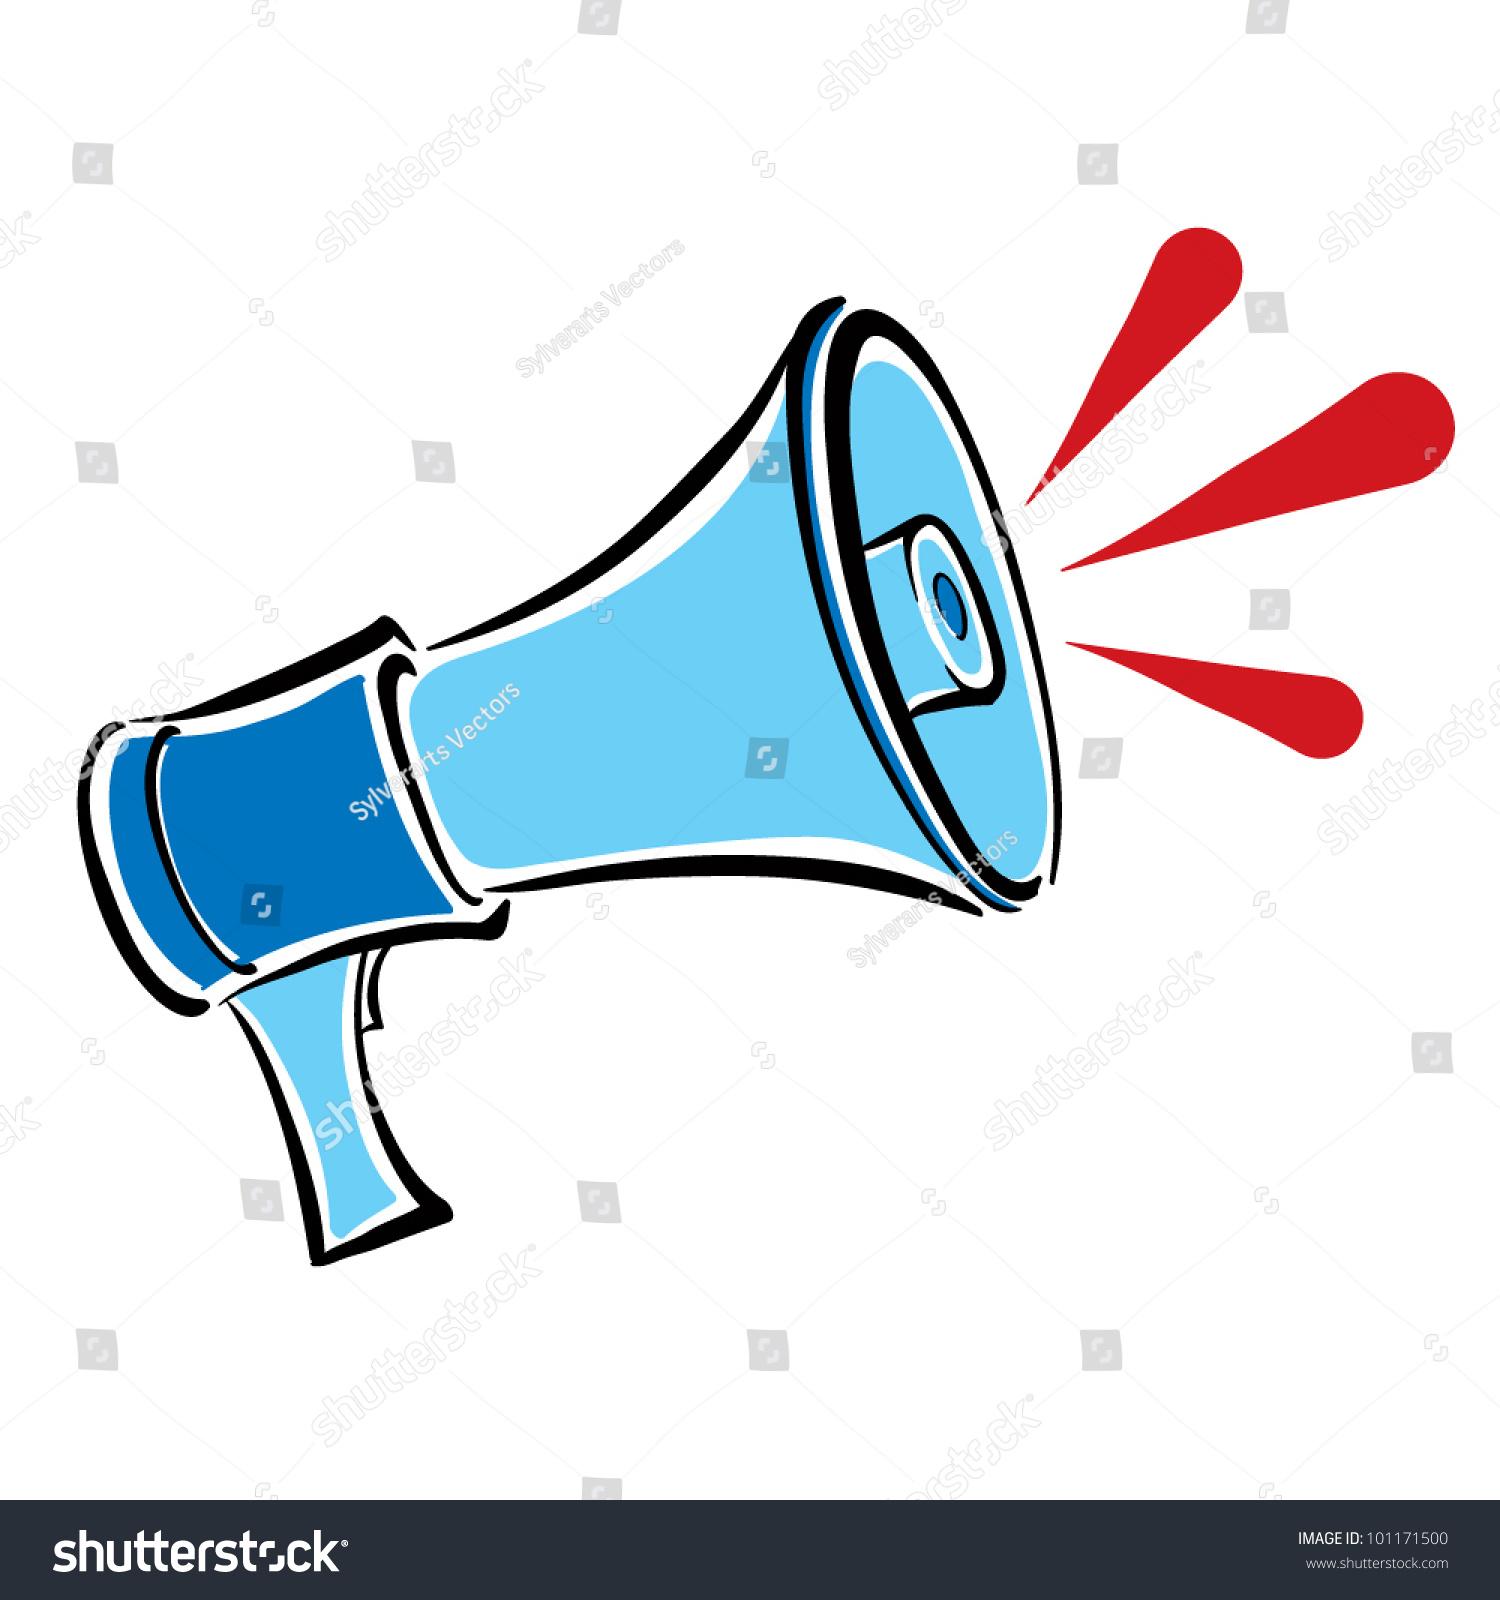 megaphone retro loudspeaker vector illustration stock vector royalty free 101171500 https www shutterstock com image vector megaphone retro loudspeaker vector illustration 101171500